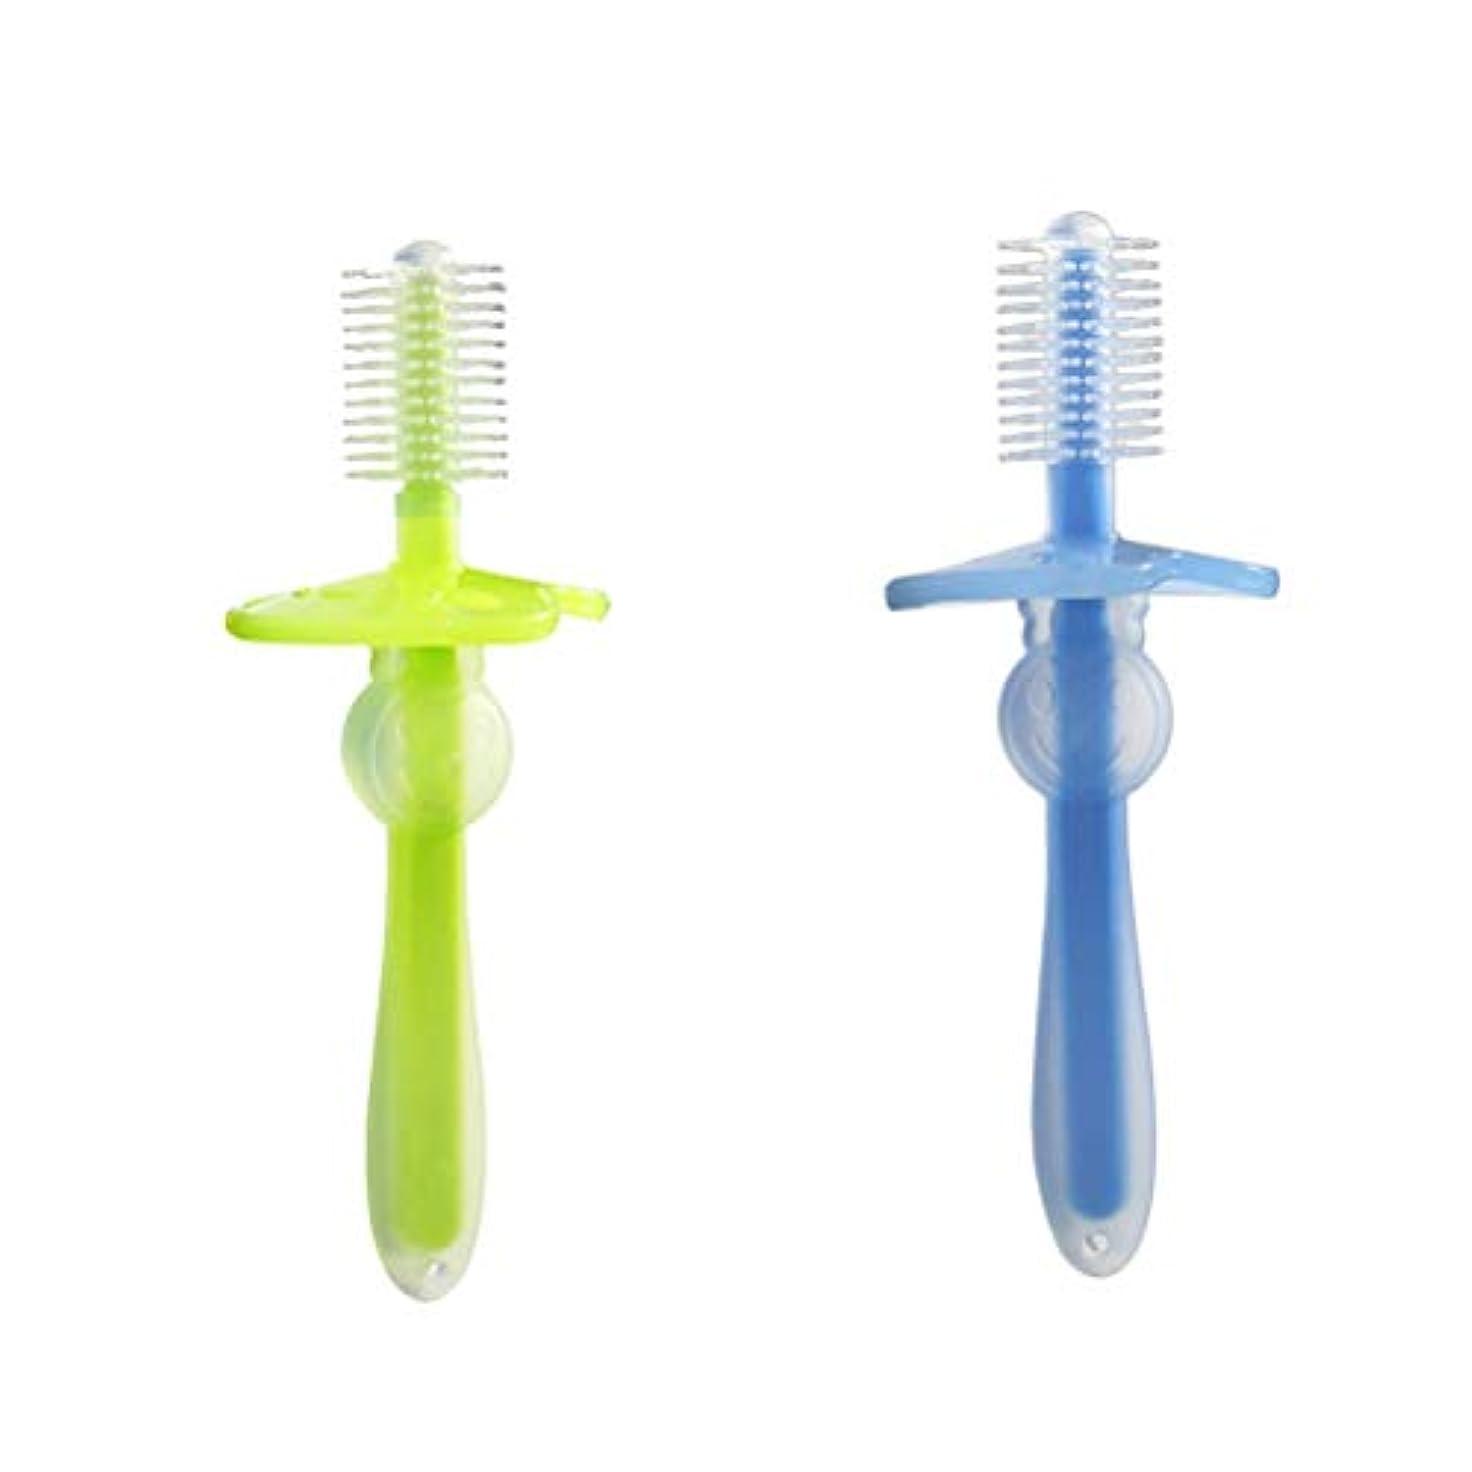 箱課すラップトップSUPVOX ベビー歯ブラシ ベビー トレーニング歯ブラシ 赤ちゃん ソフト歯ブラシ シリコーン 2本入(ランダムカラー)